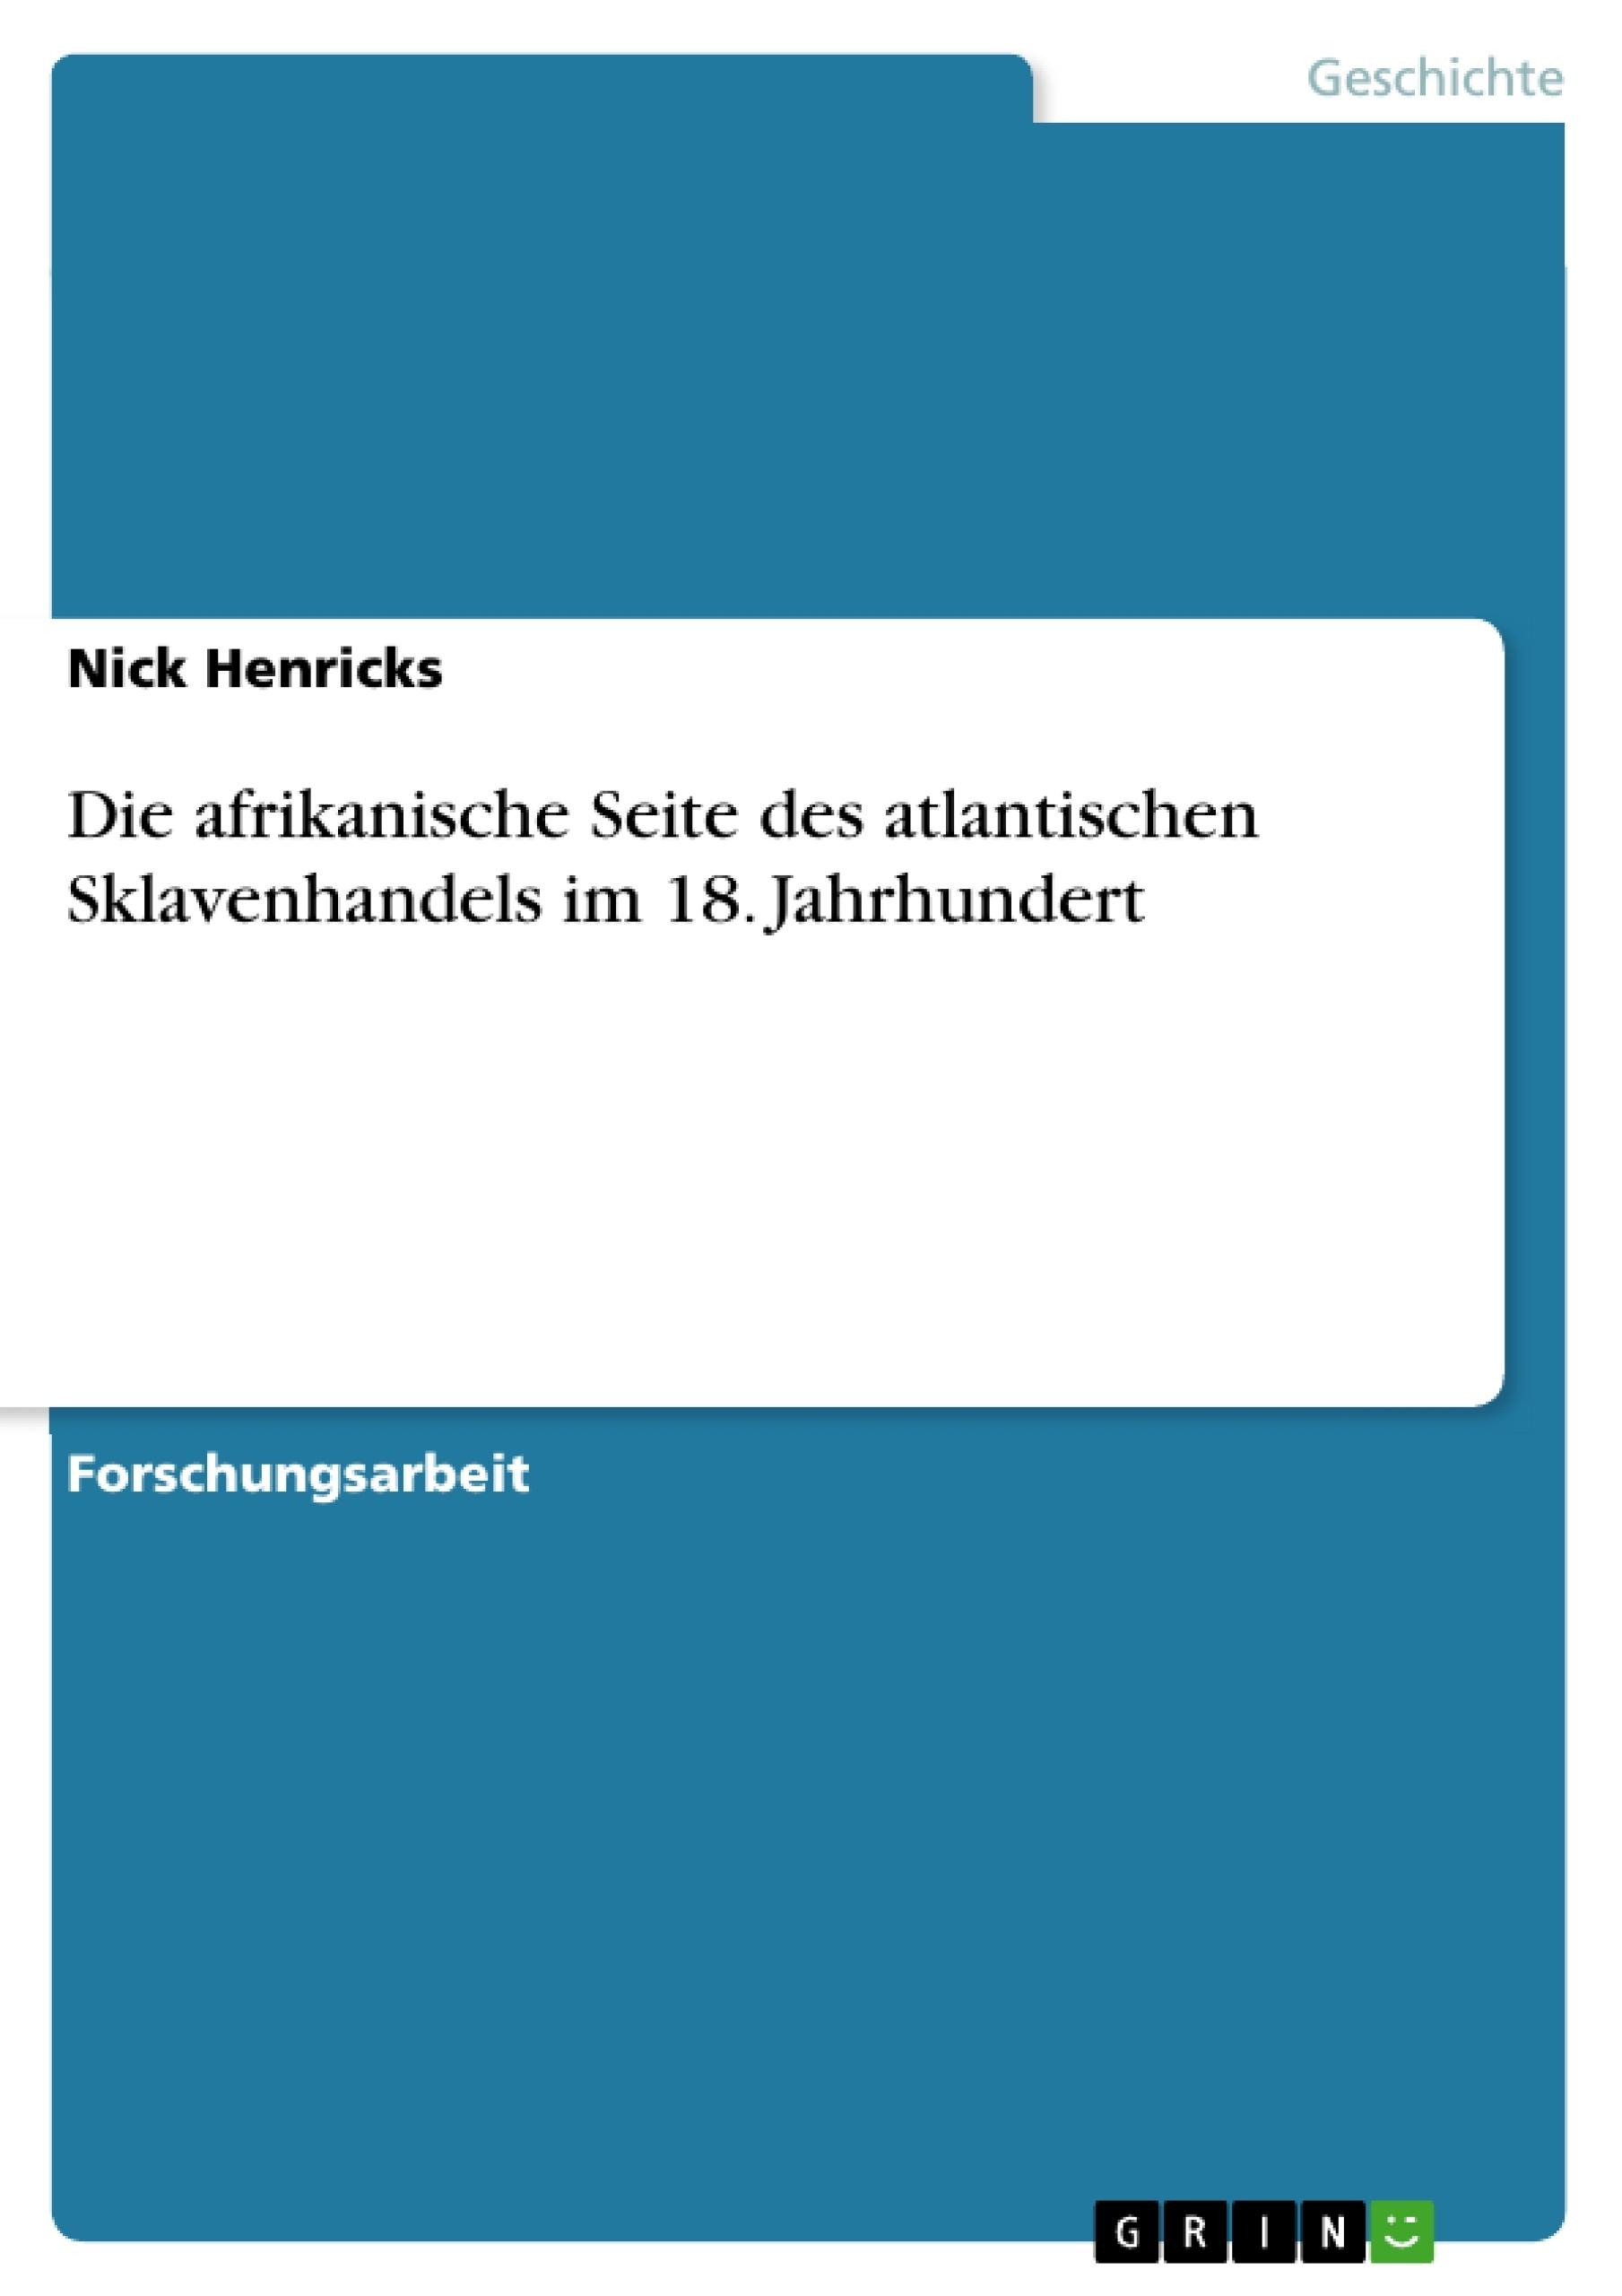 Titel: Die afrikanische Seite des atlantischen Sklavenhandels im 18. Jahrhundert